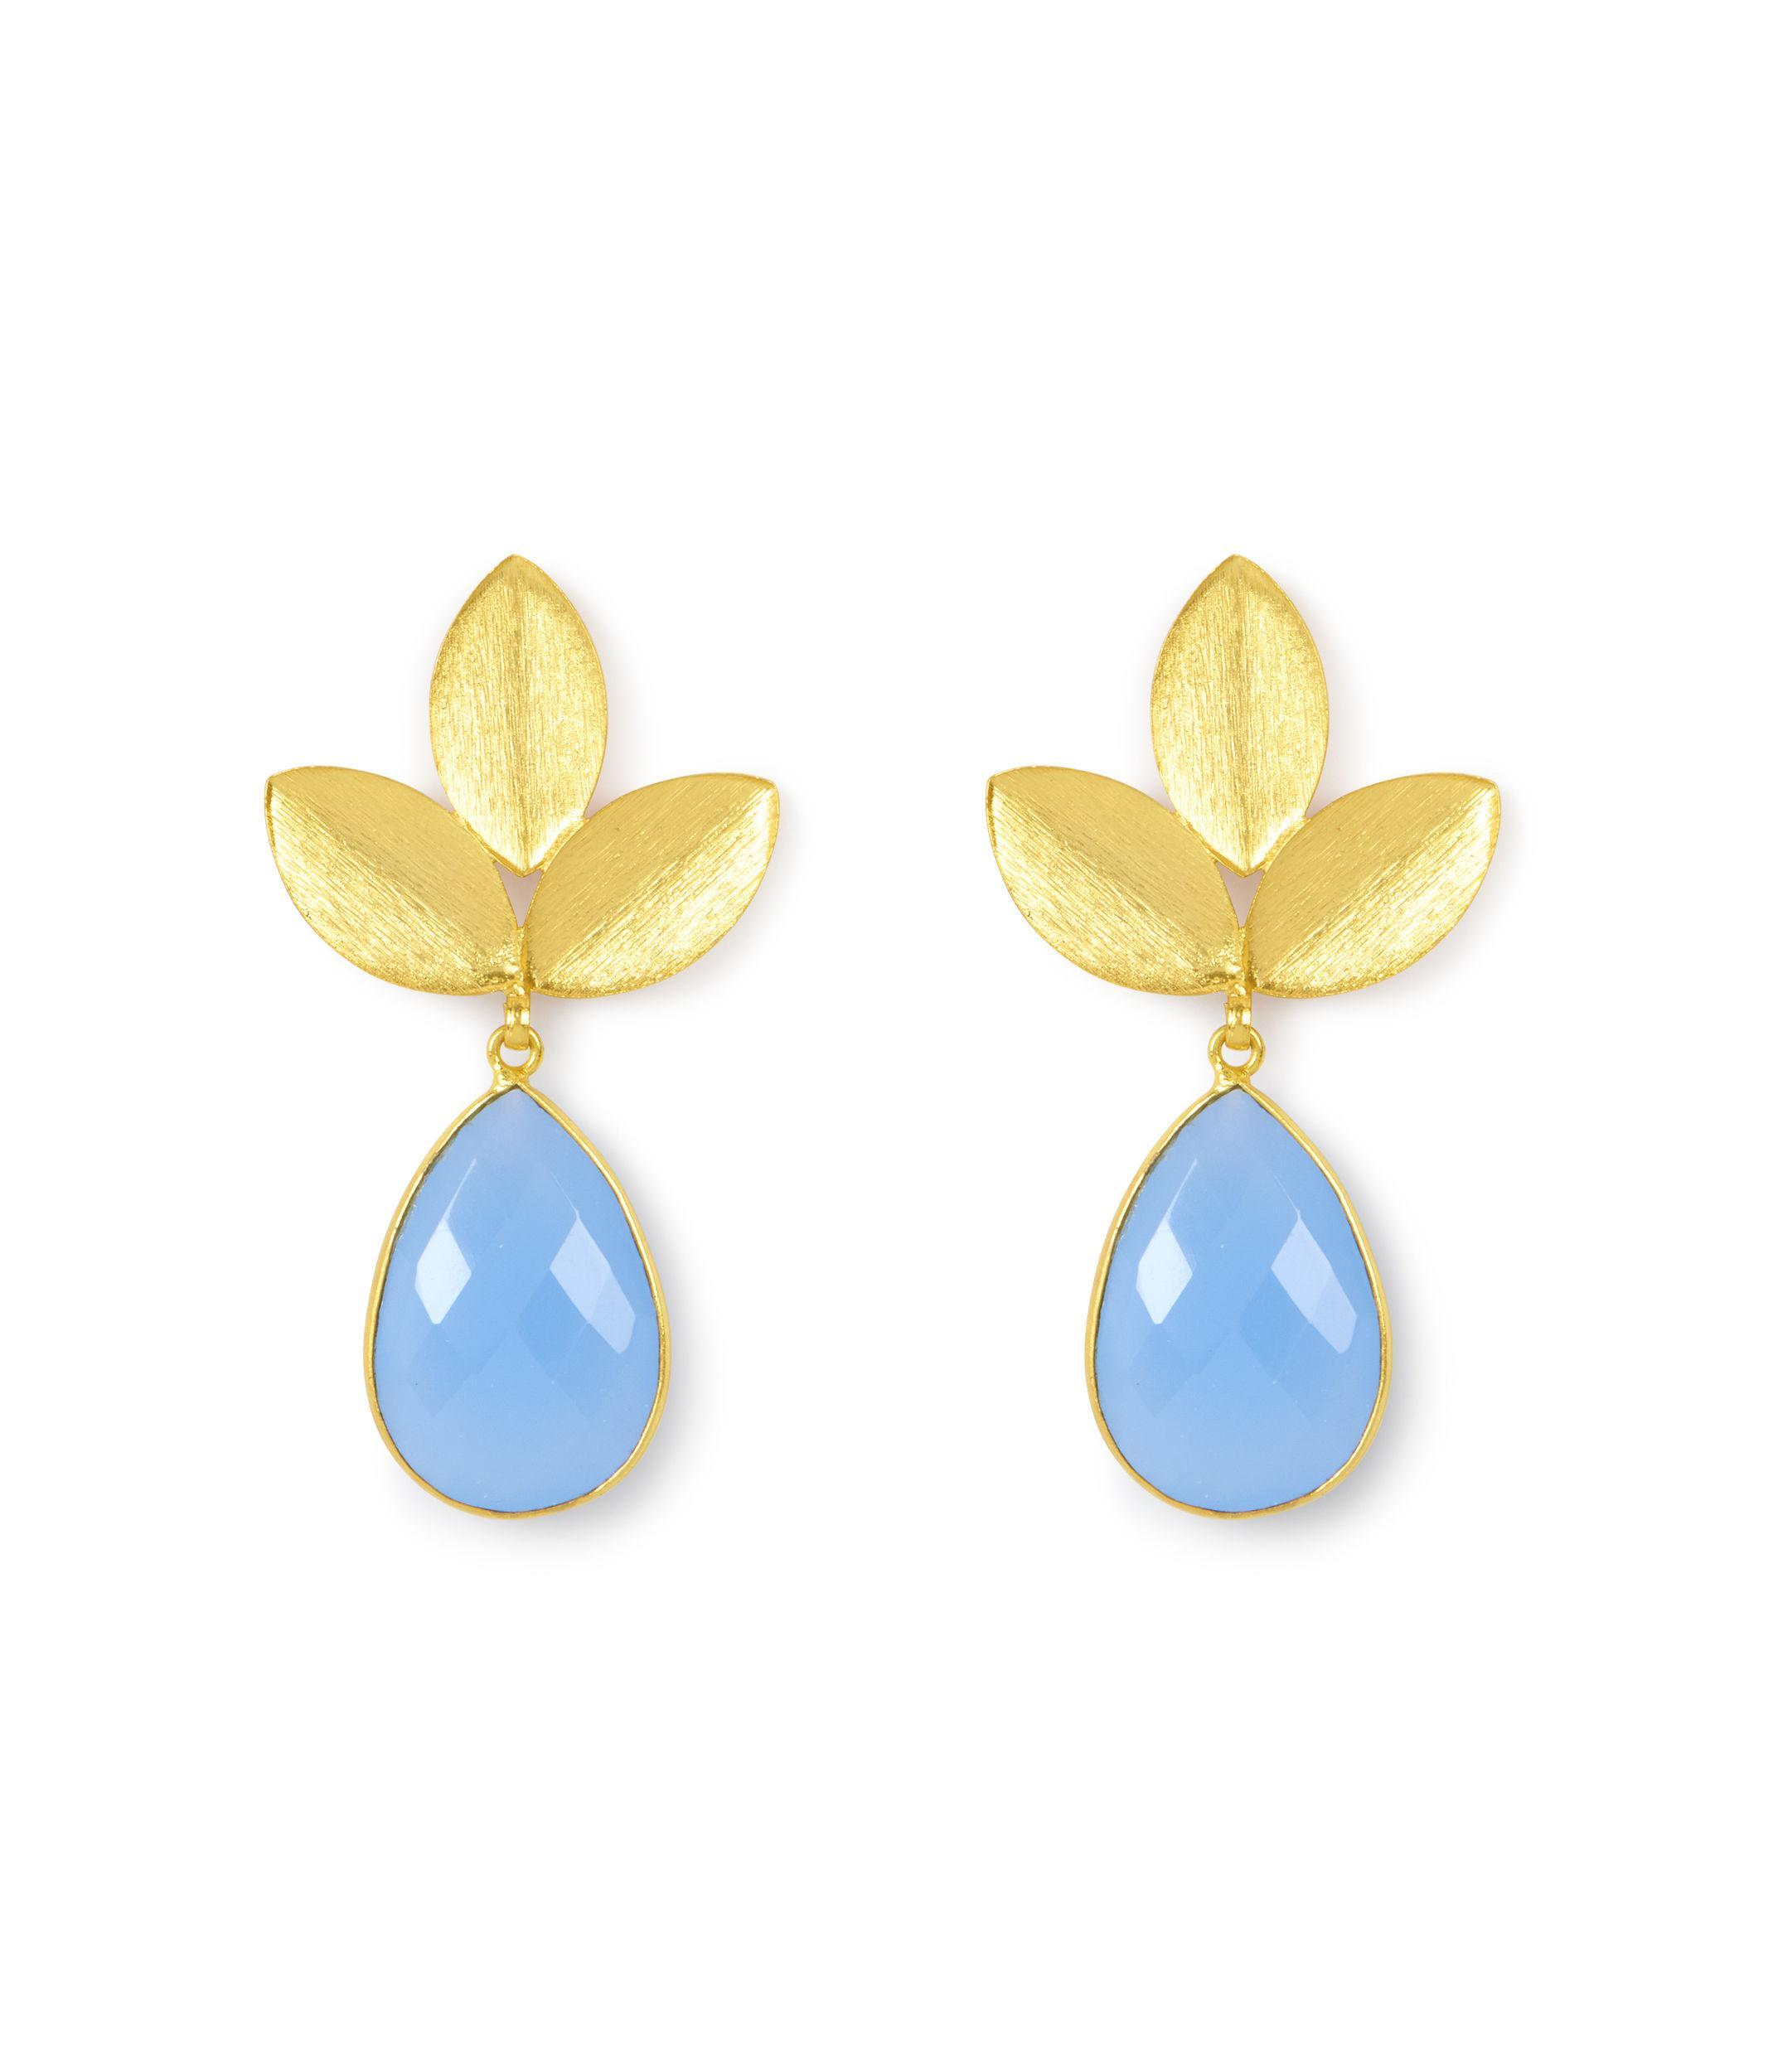 Henri Bendel Elle Gemz Turquoise Teardrop Hoop Earring xR1r7bqD